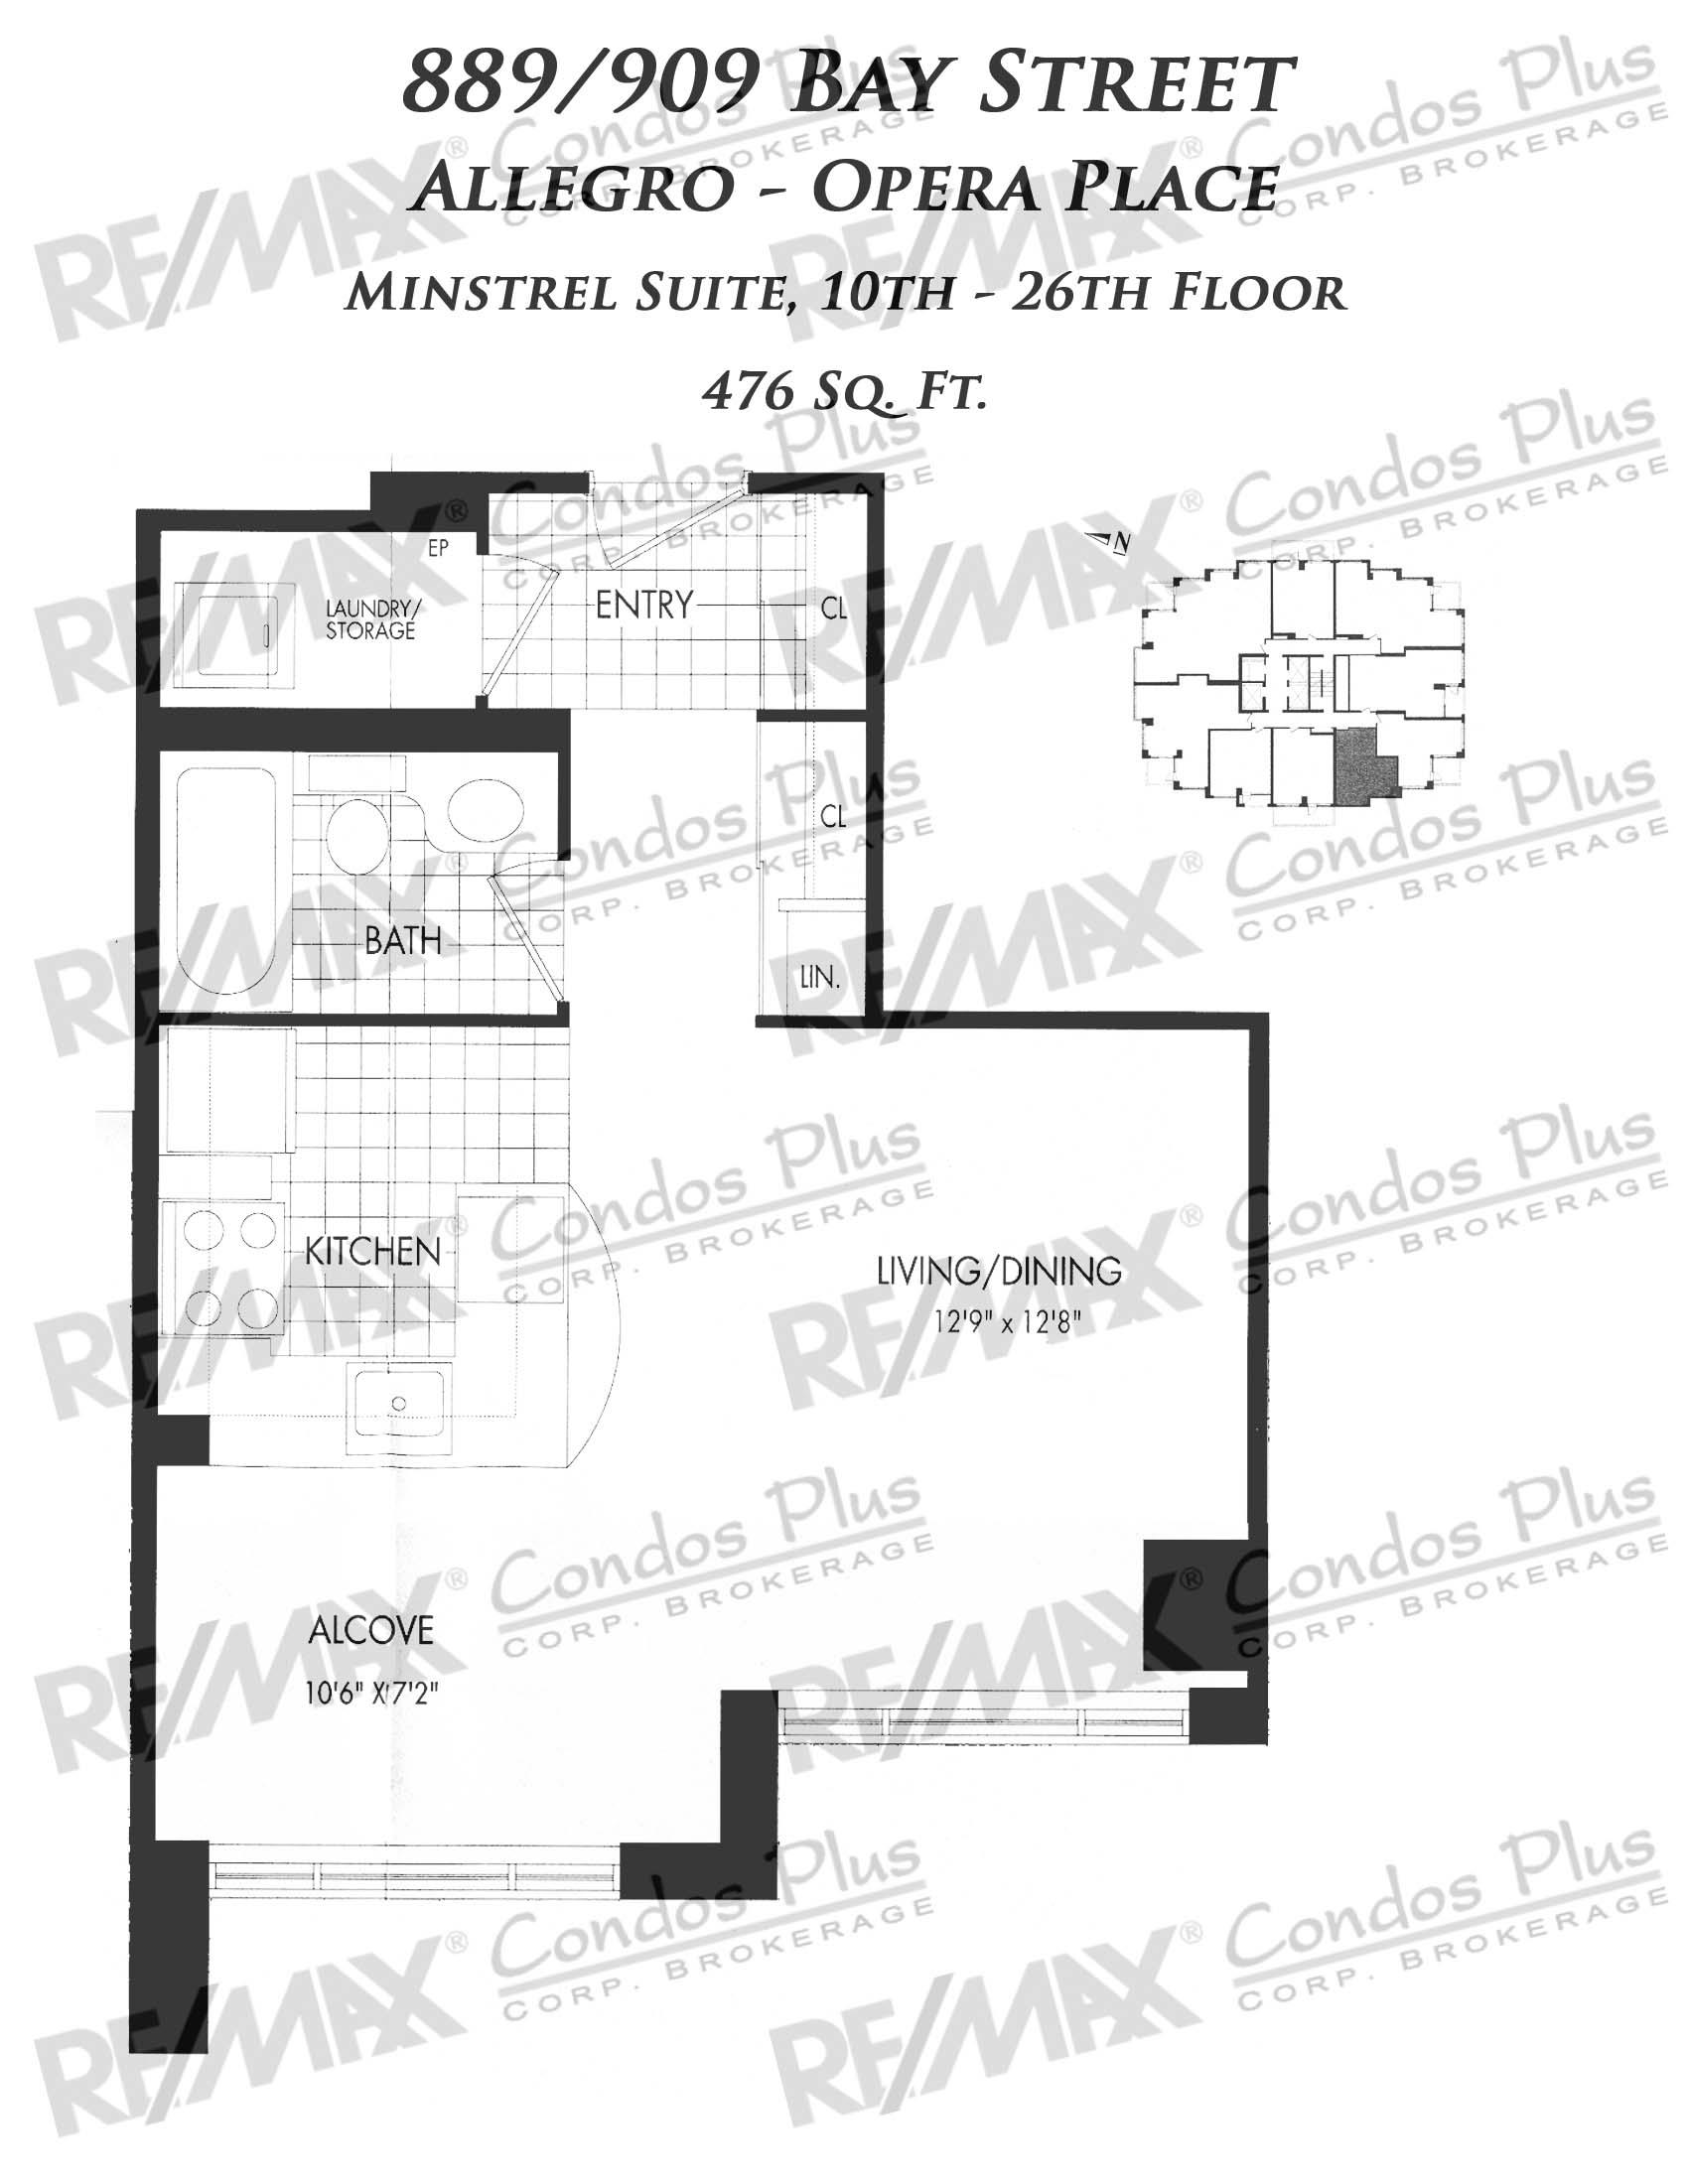 Minstrel Suite